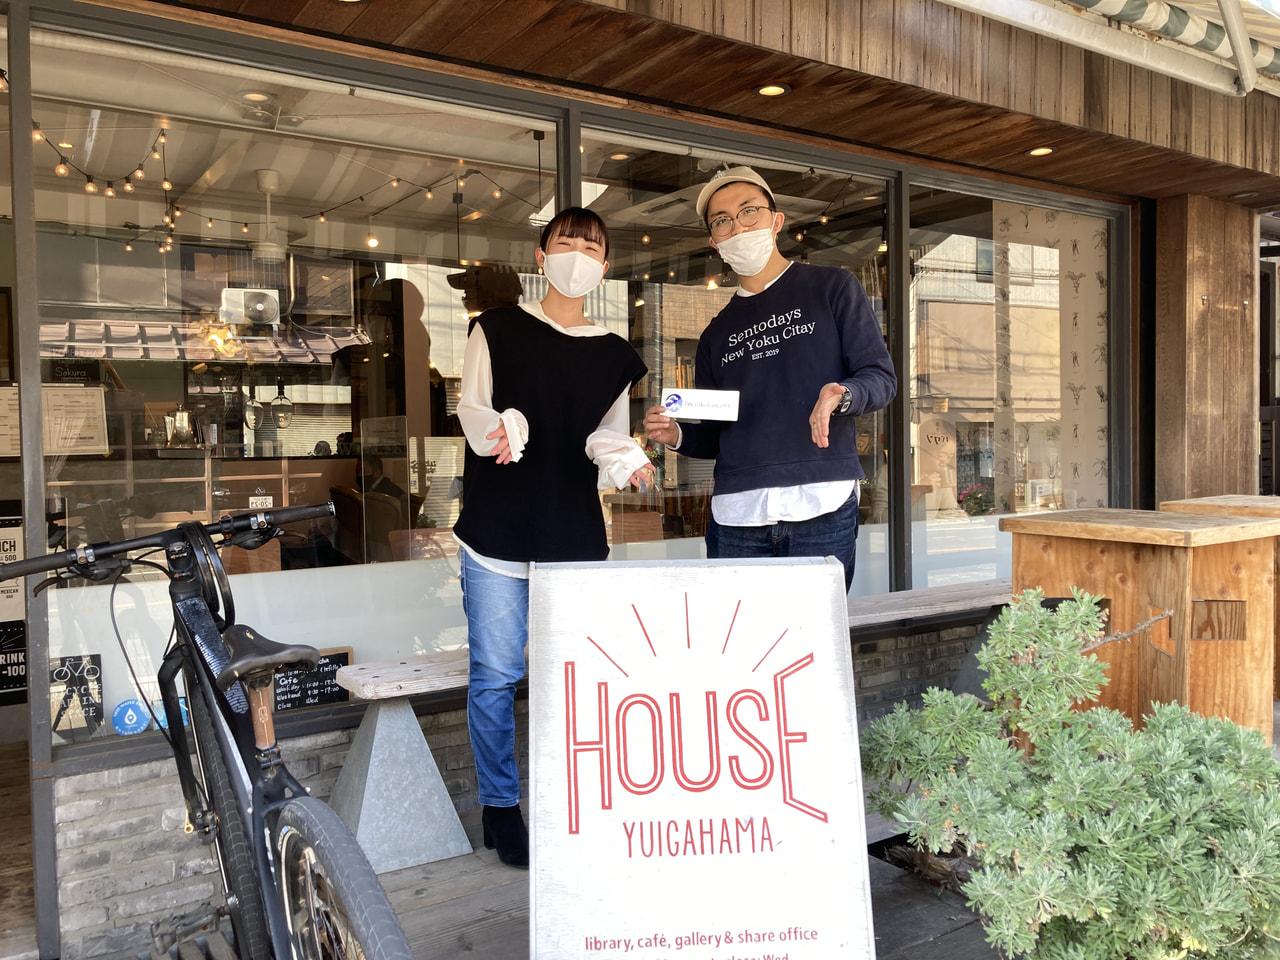 【暮らしと環境への提案】複合カフェ〈HOUSE YUIGAHAMA〉はライフスタイル・環境問題への提案がたくさん詰まっているお店でした!